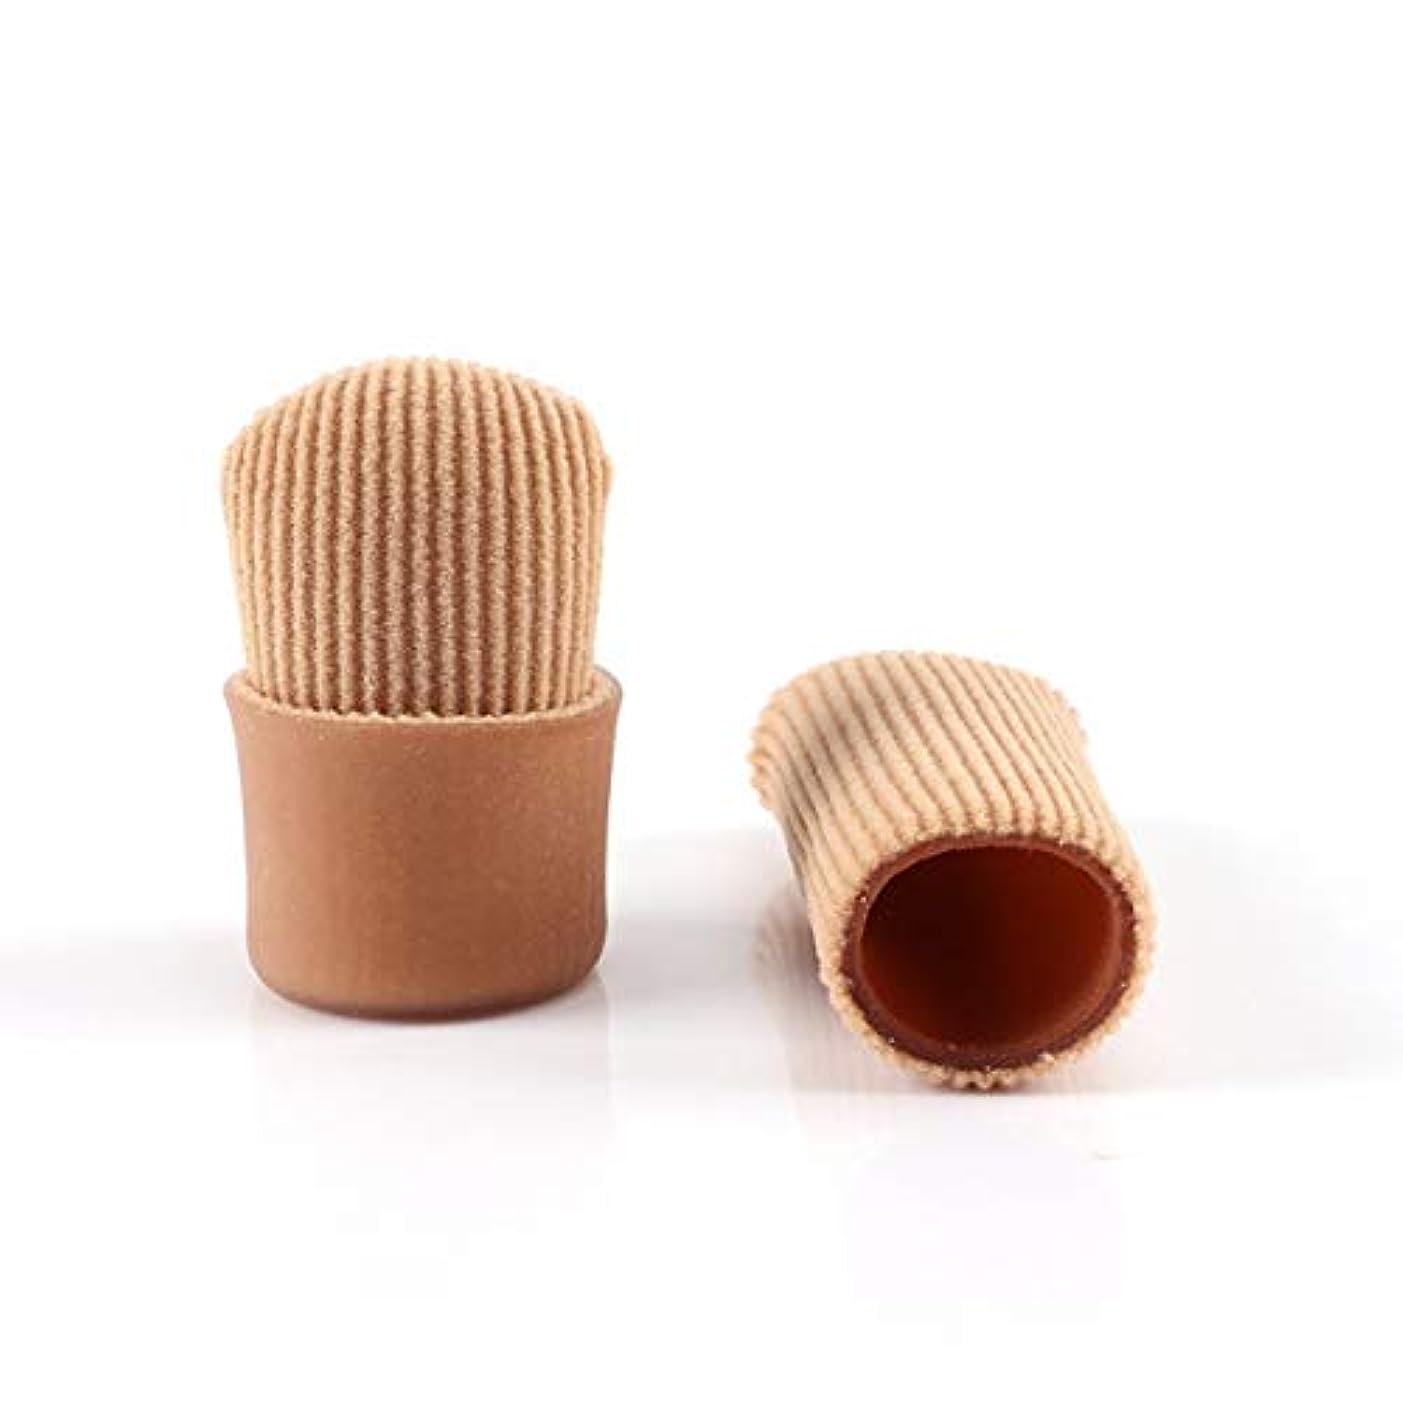 つぶすラリーベルモント小さいOpen Toe Tubes Gel Lined Fabric Sleeve Protectors To Prevent Corns, Calluses And Blisters While Softening Soothing...